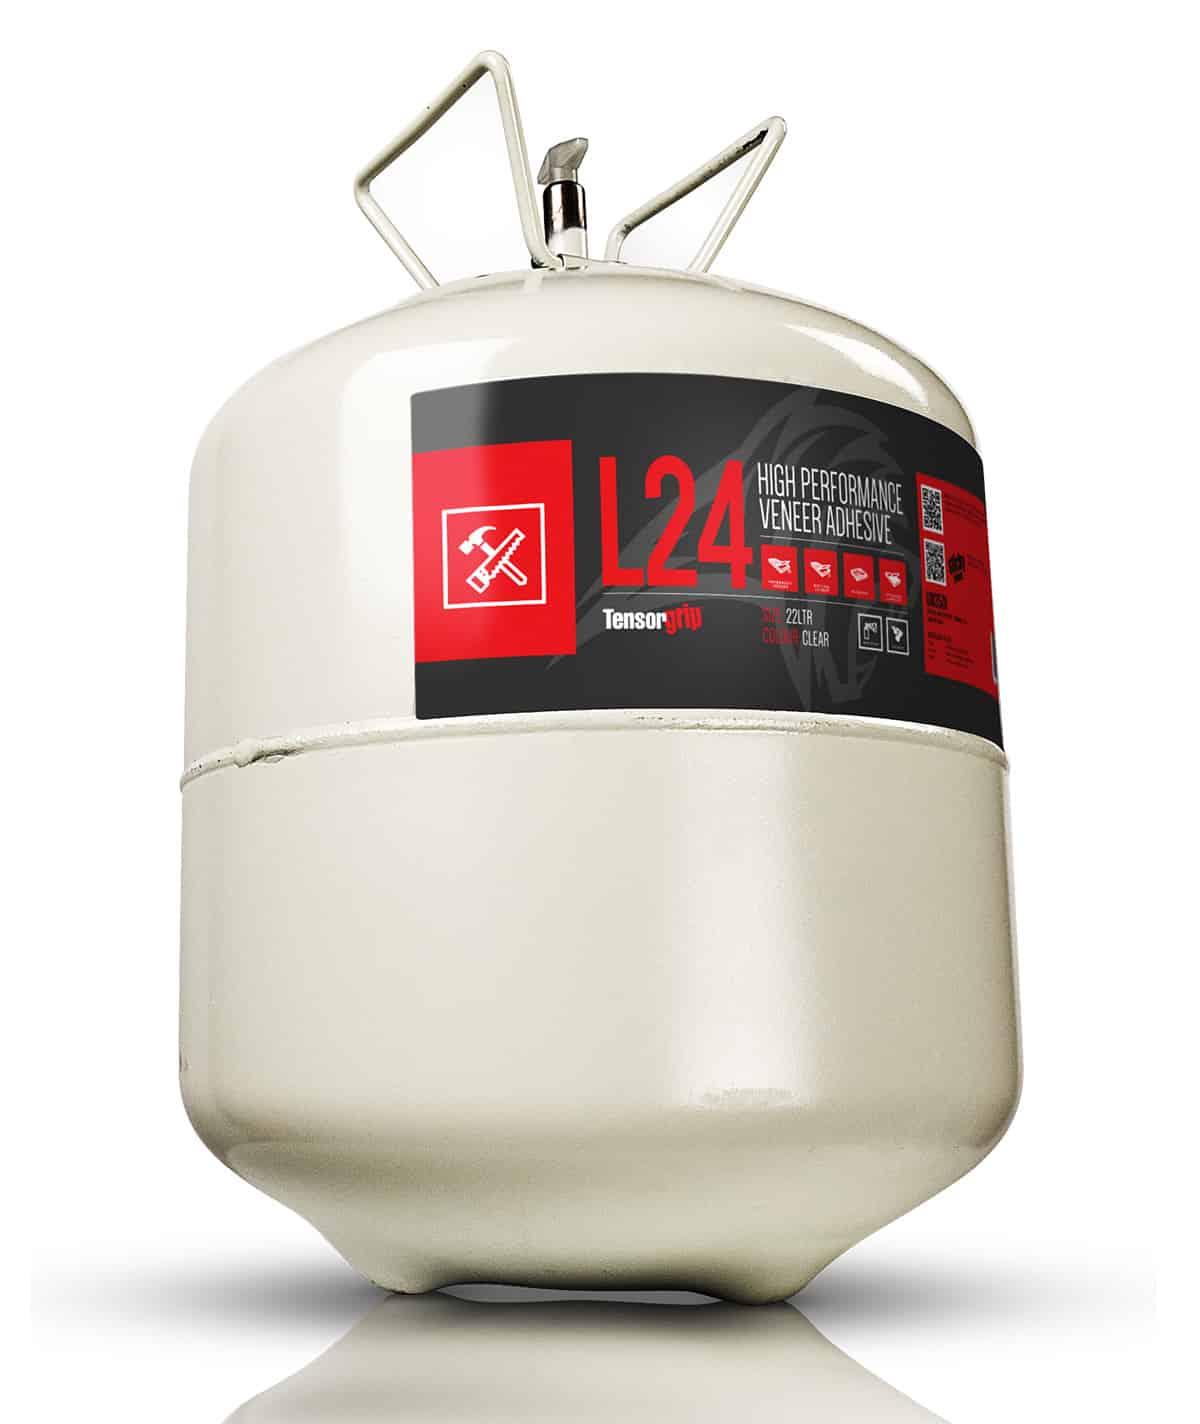 Tensorgrip L24 Adhesive